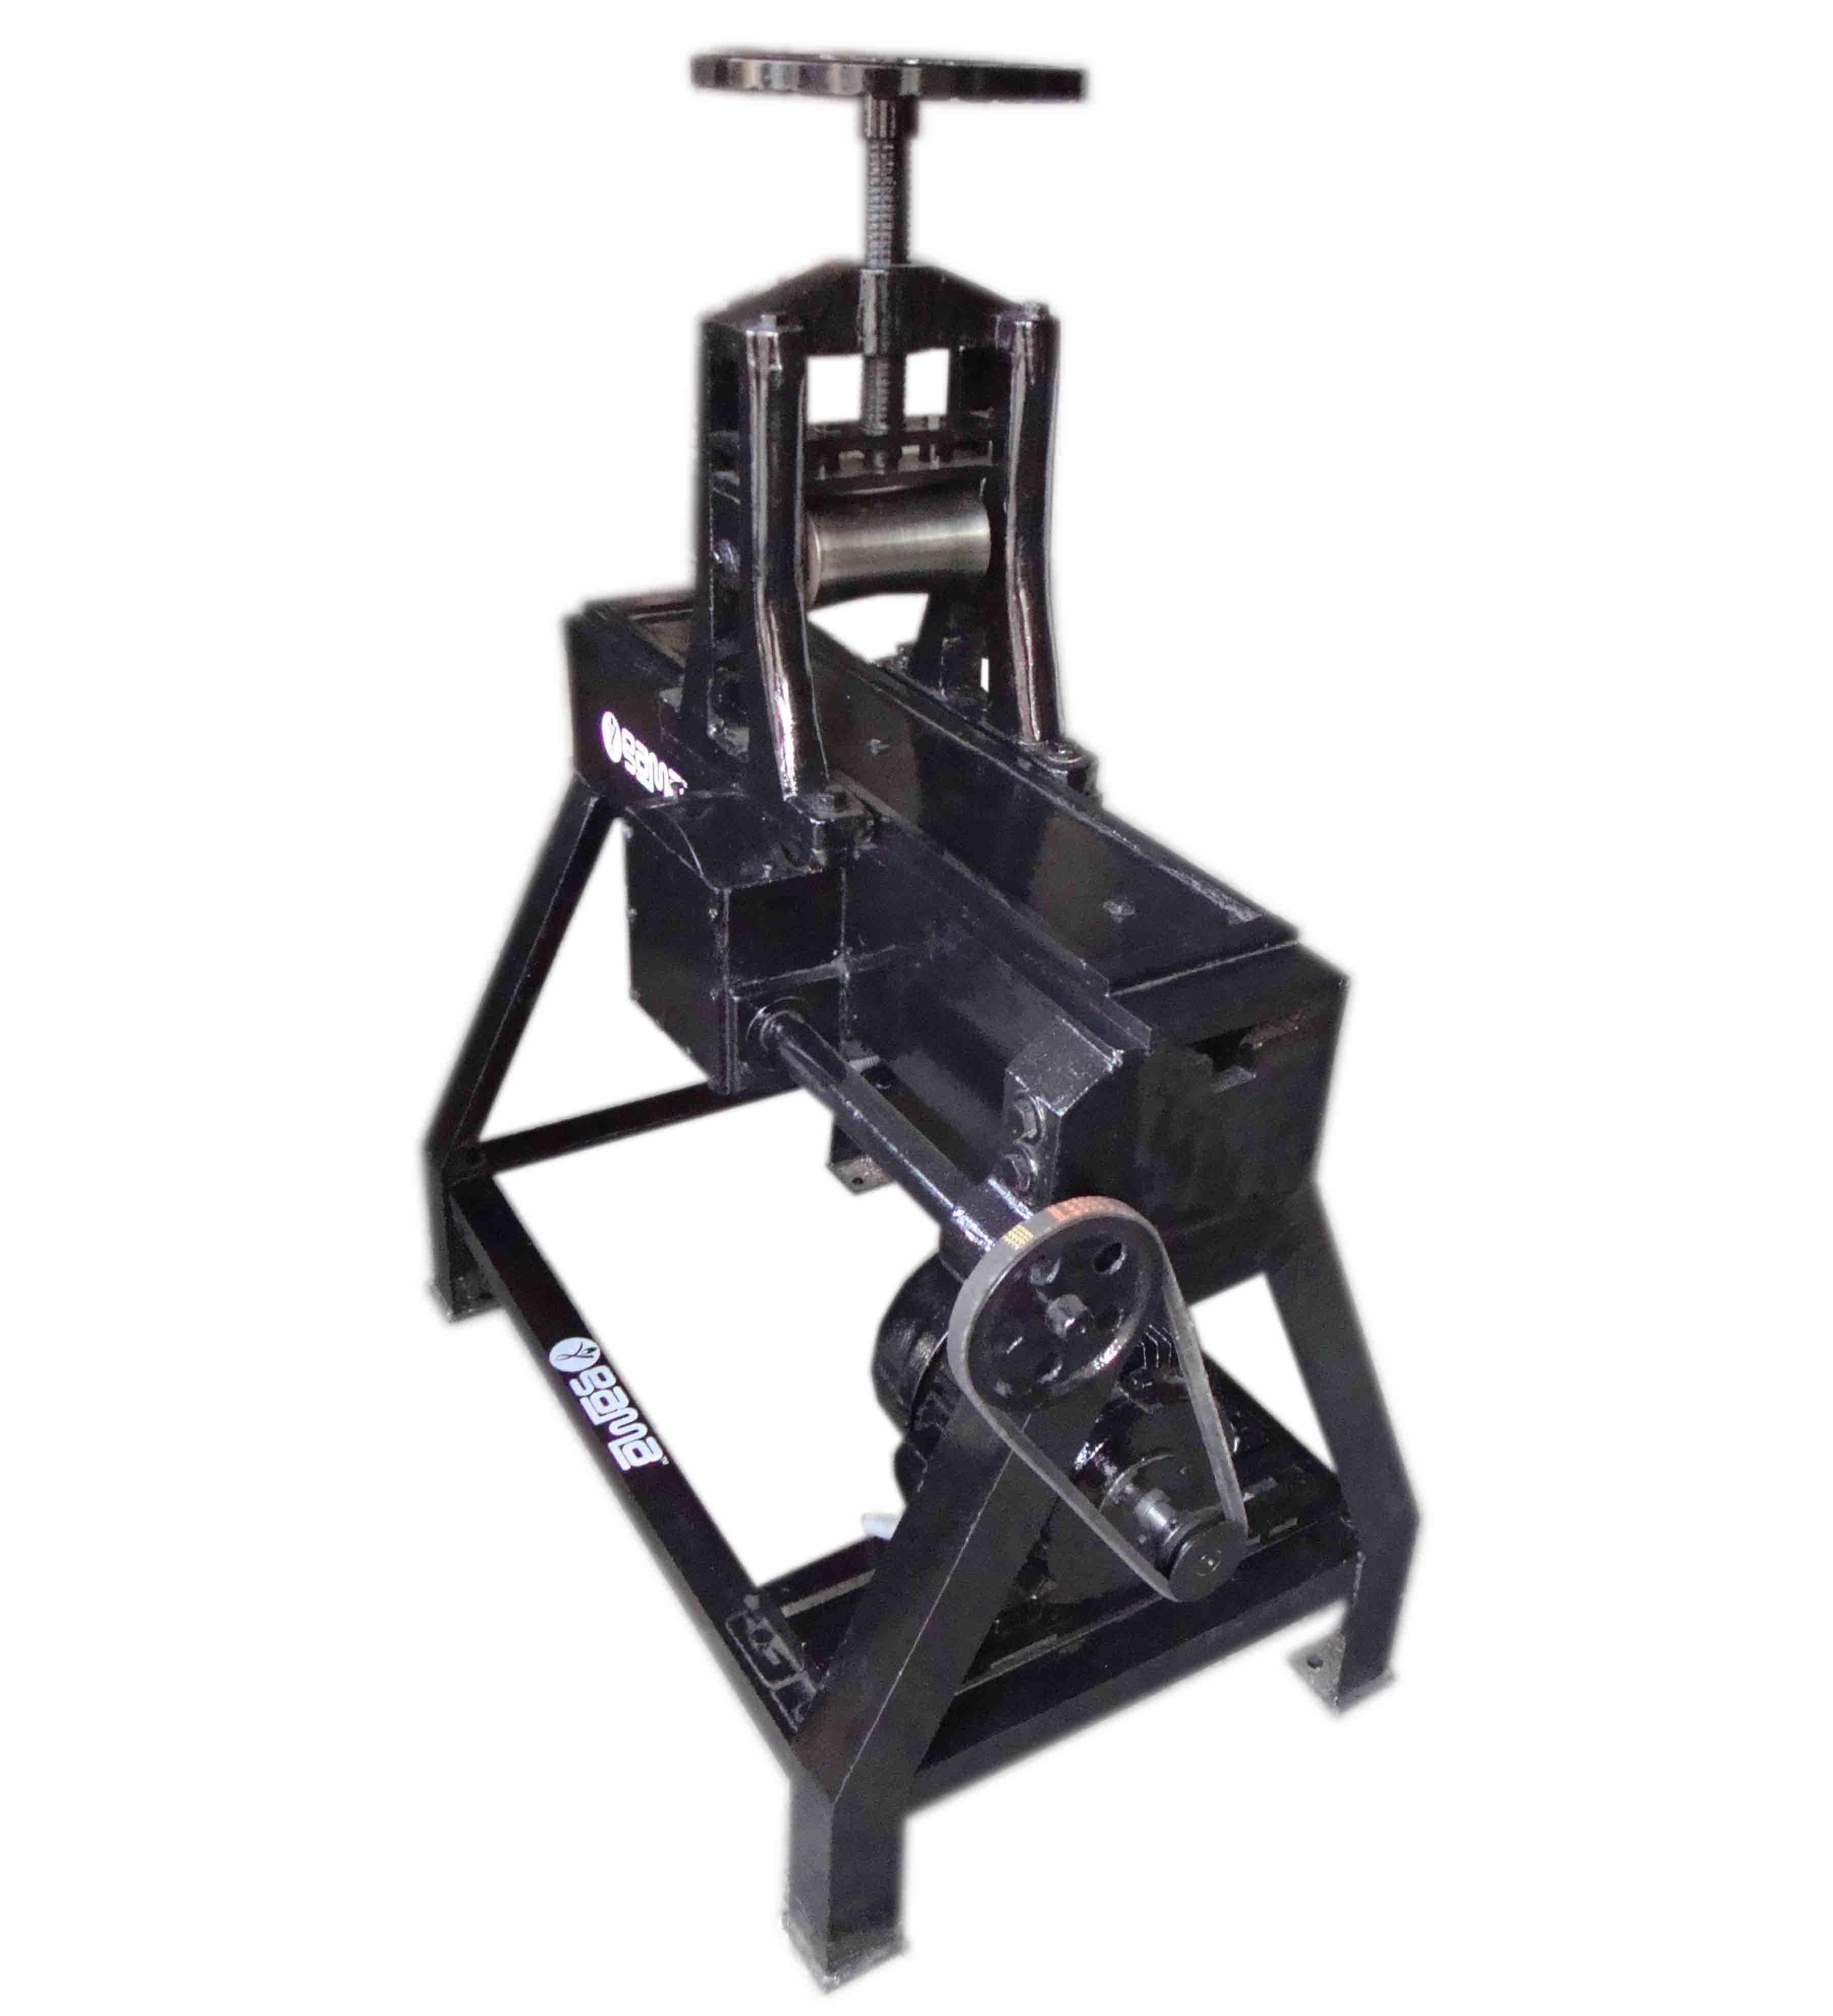 Cricket Bat Pressing Machine